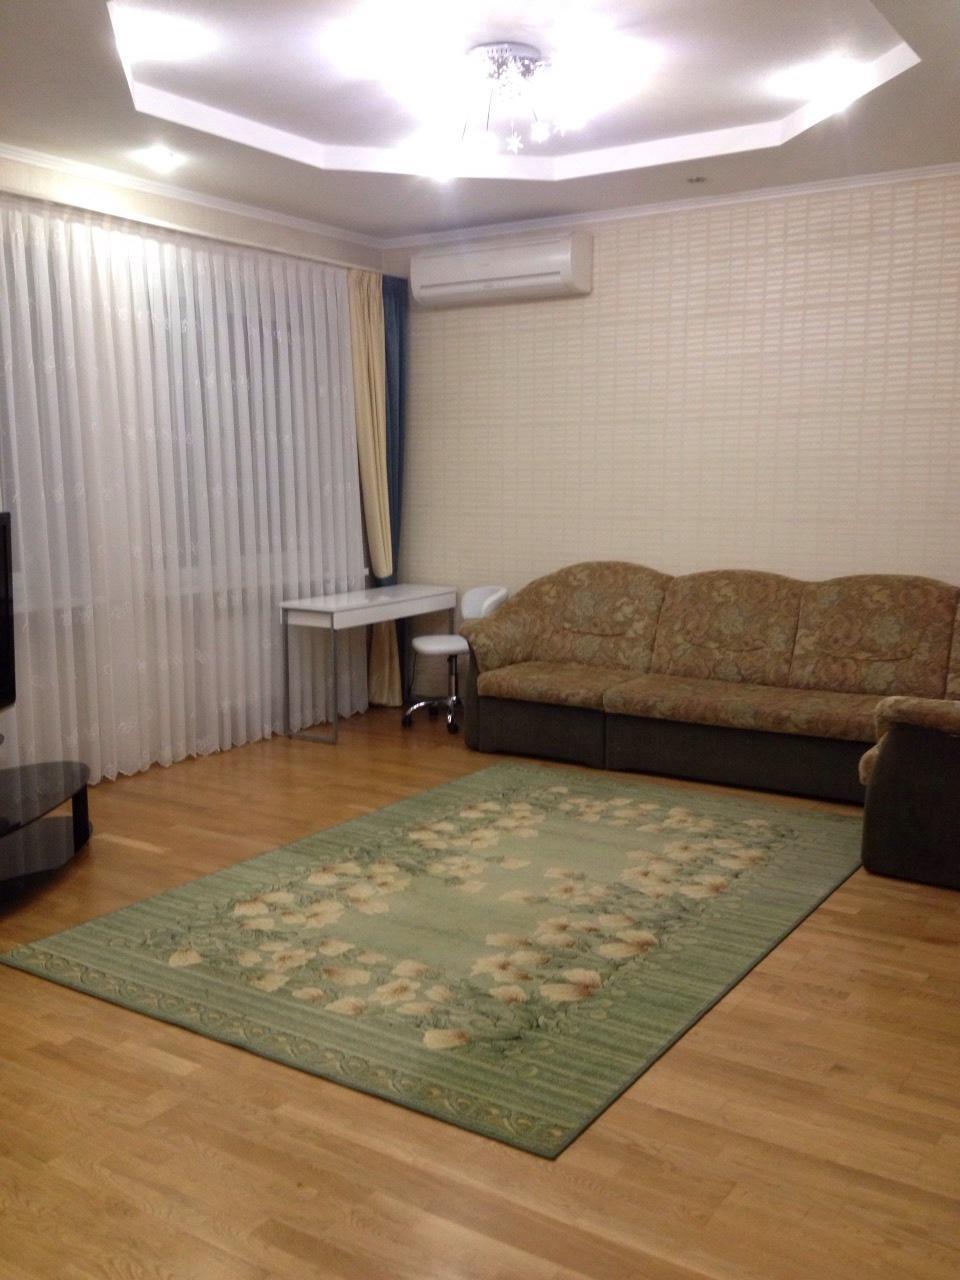 Продам дом Обсерваторная ул., 10, Жовтневый р-н, Днепр (Днепропетровск), Гагарина